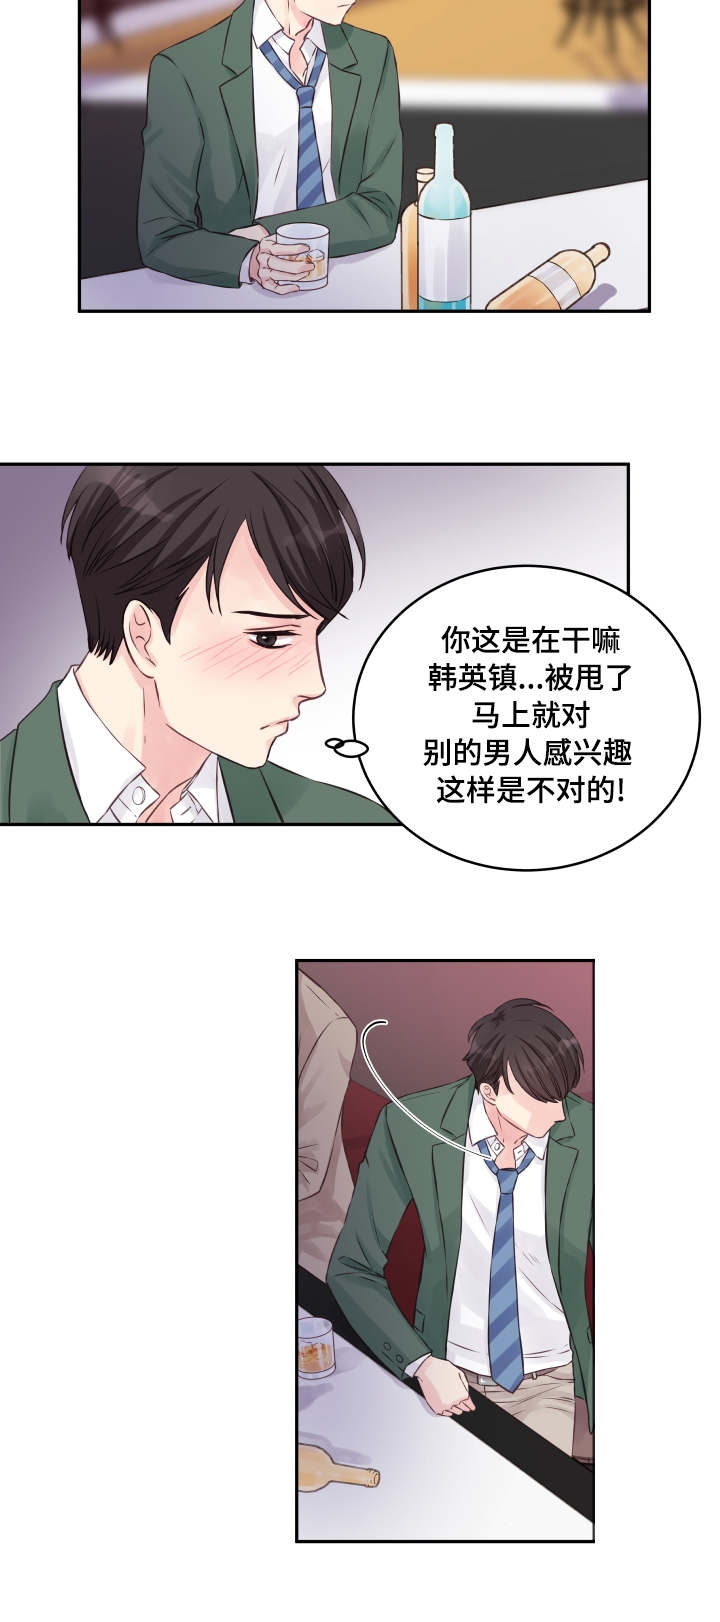 情迷高校-彩虹漫画免费在线阅读-最新连载更新至77话-啵乐漫画